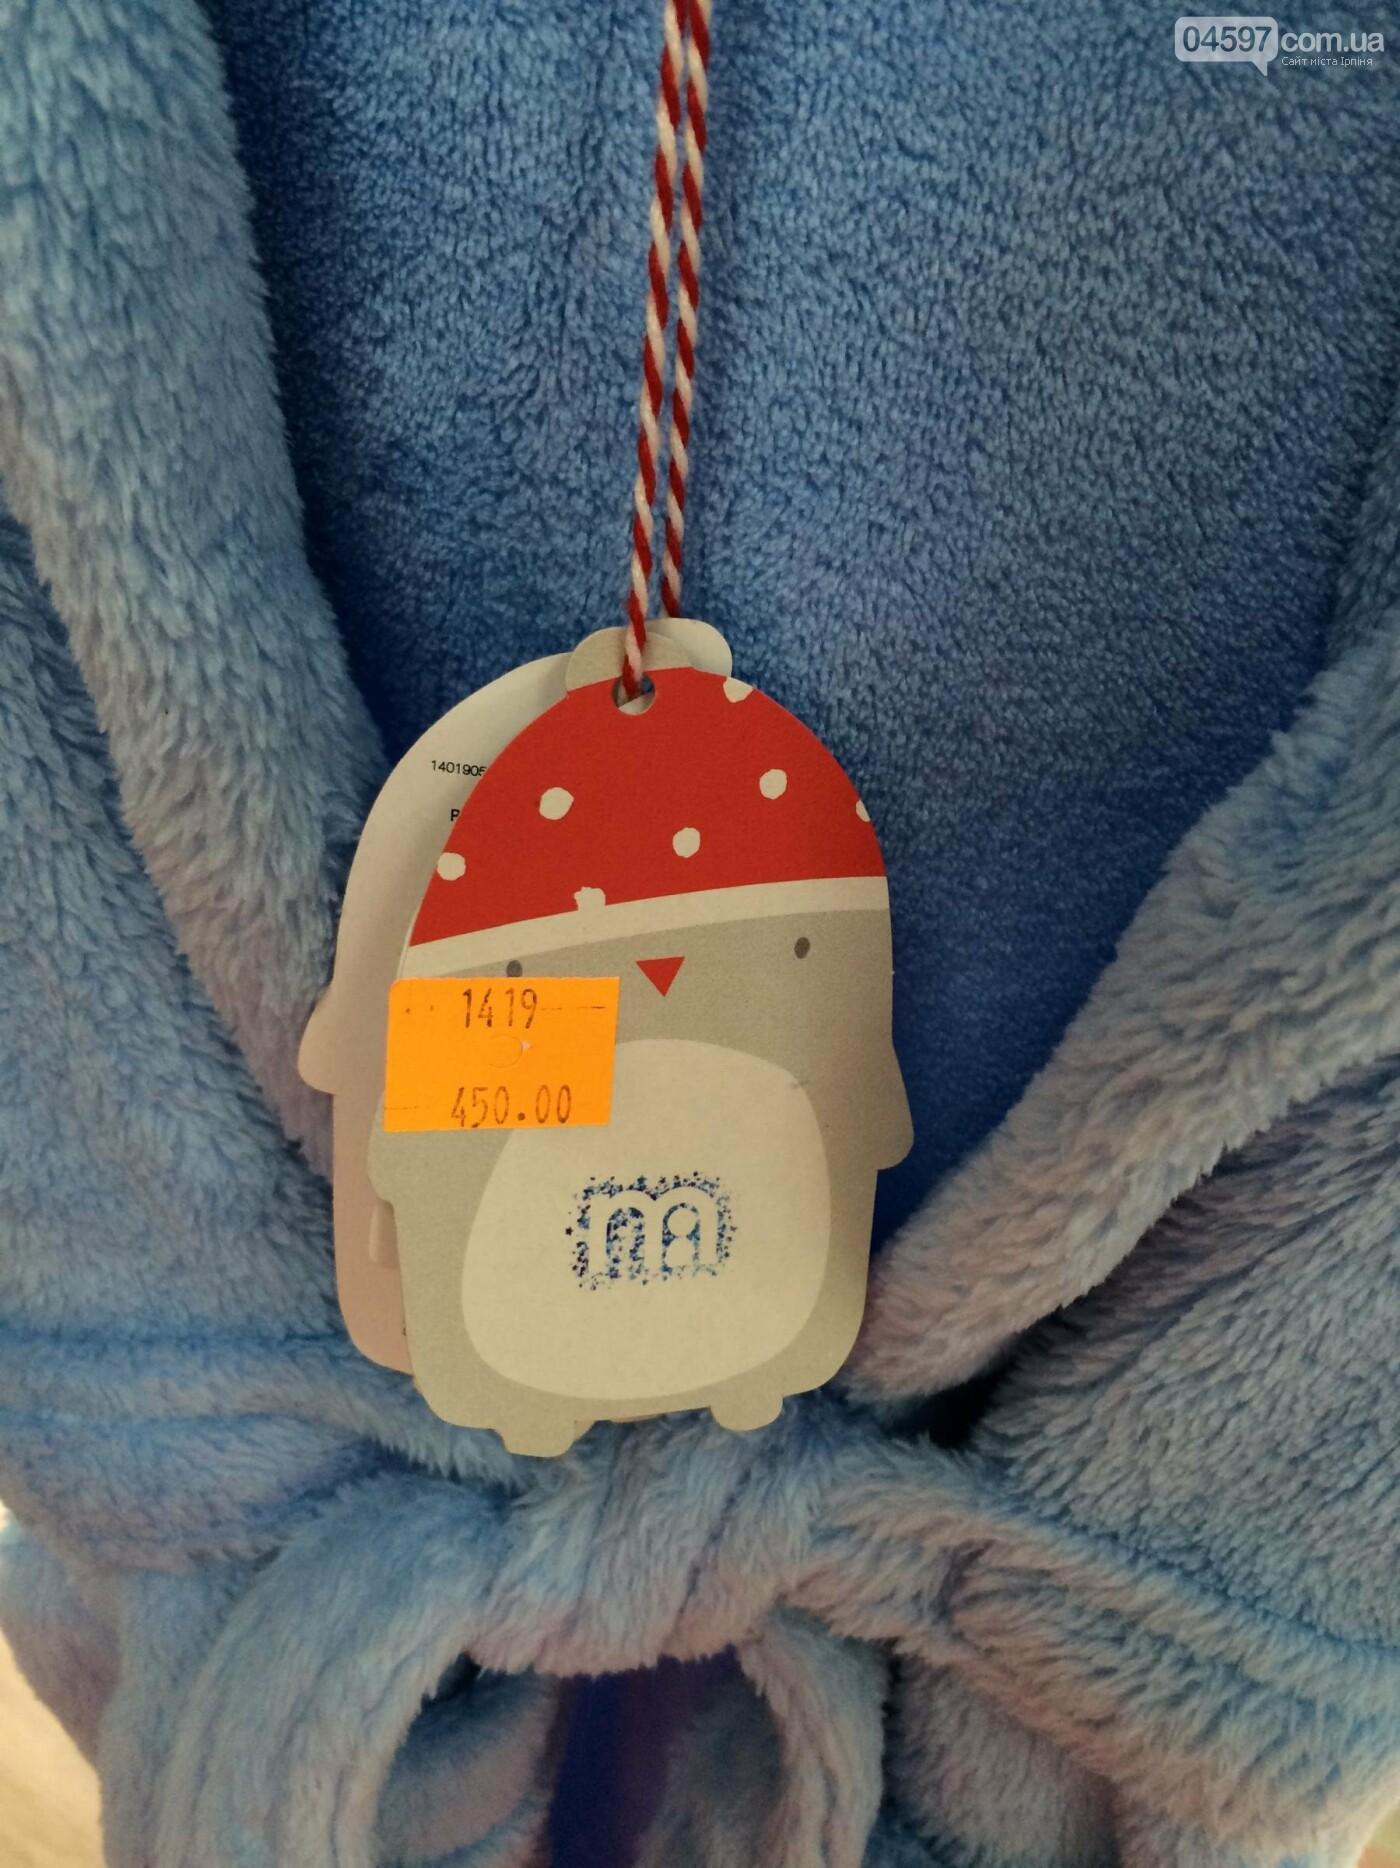 Де купити дитячий одяг в Ірпені: асортимент та ціни, фото-39